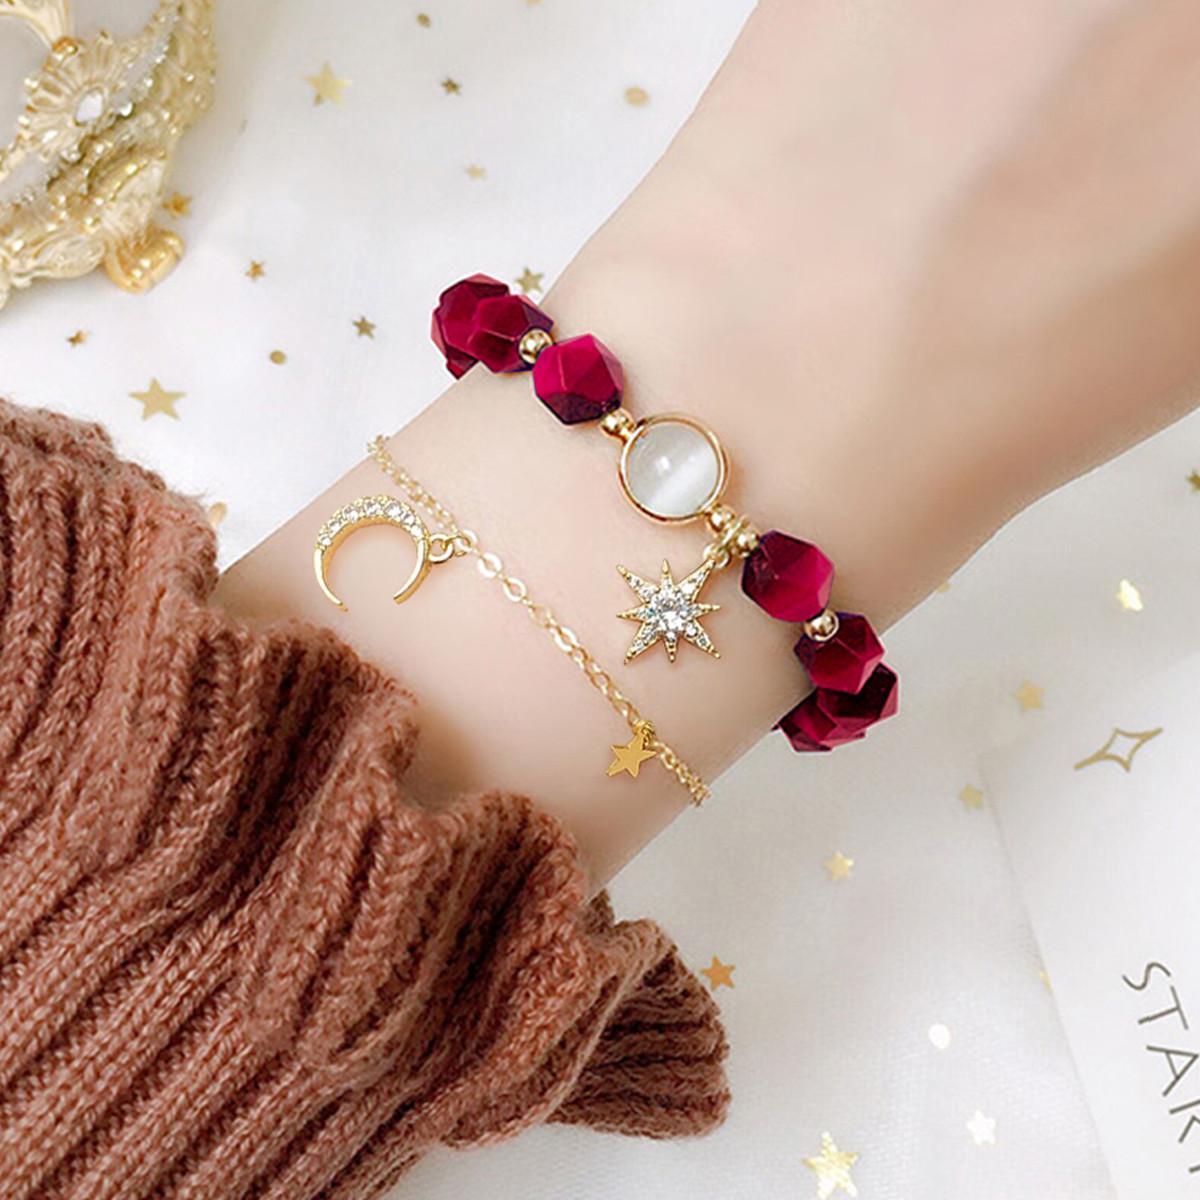 【二件装】时尚天然虎眼石S925银星月童话手链饰品女友礼物